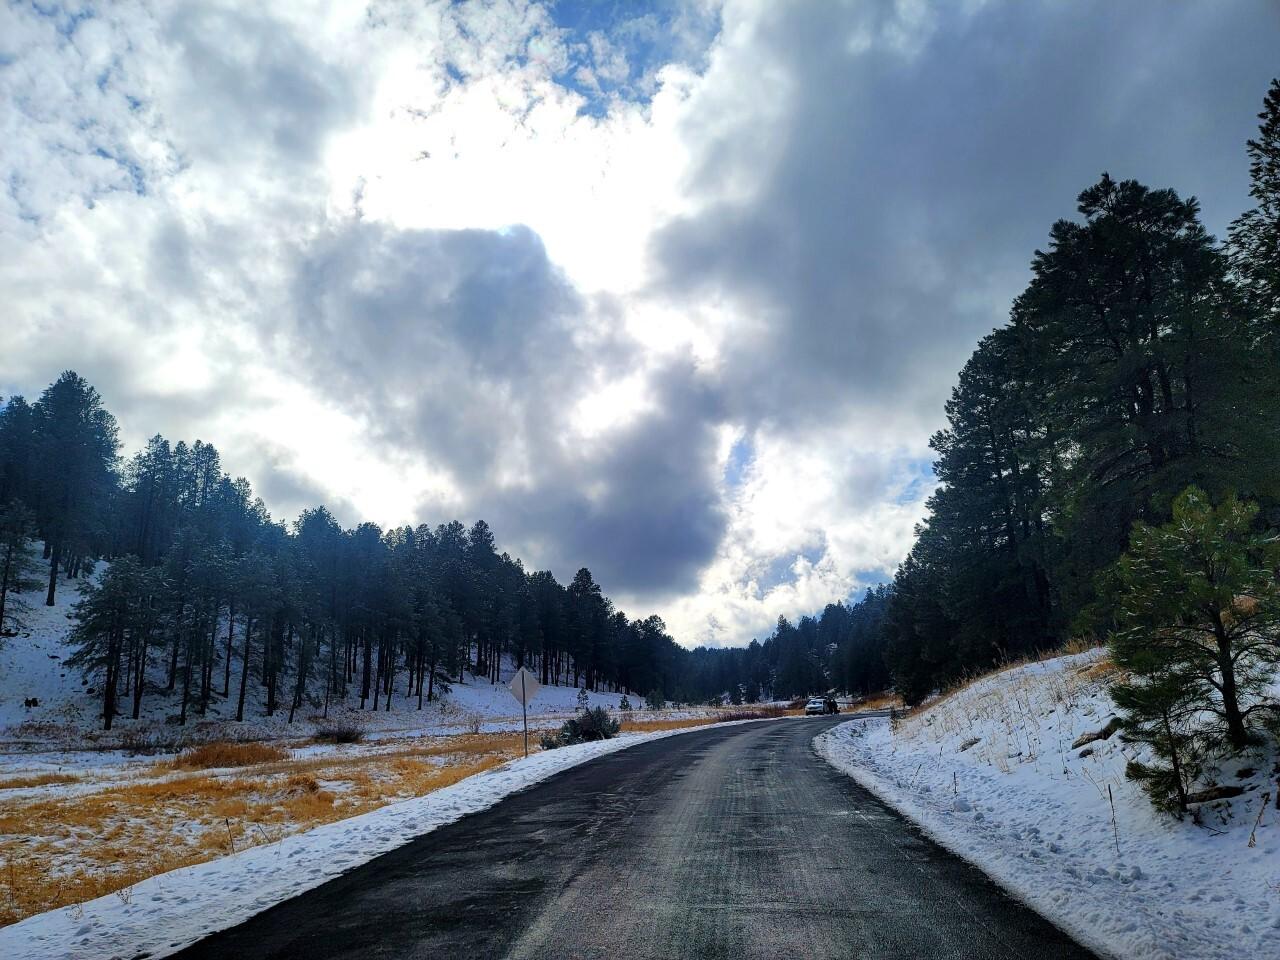 Keerthi_Suram_Kachina_trail1.jpg